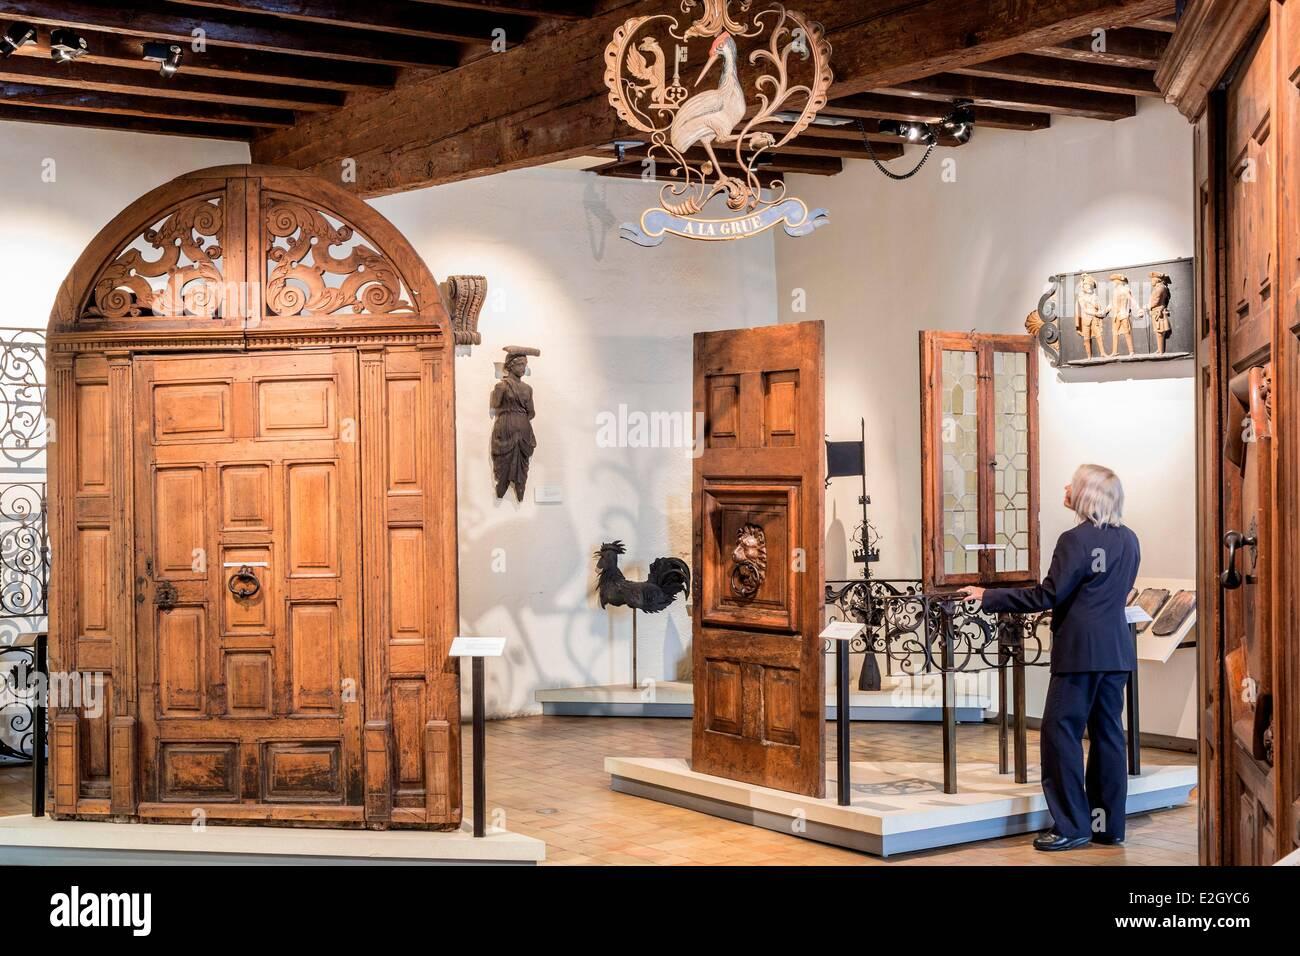 La Svizzera Ginevra Città Vecchia Maison Tavel Museo di storia urbana e vita quotidiana Immagini Stock